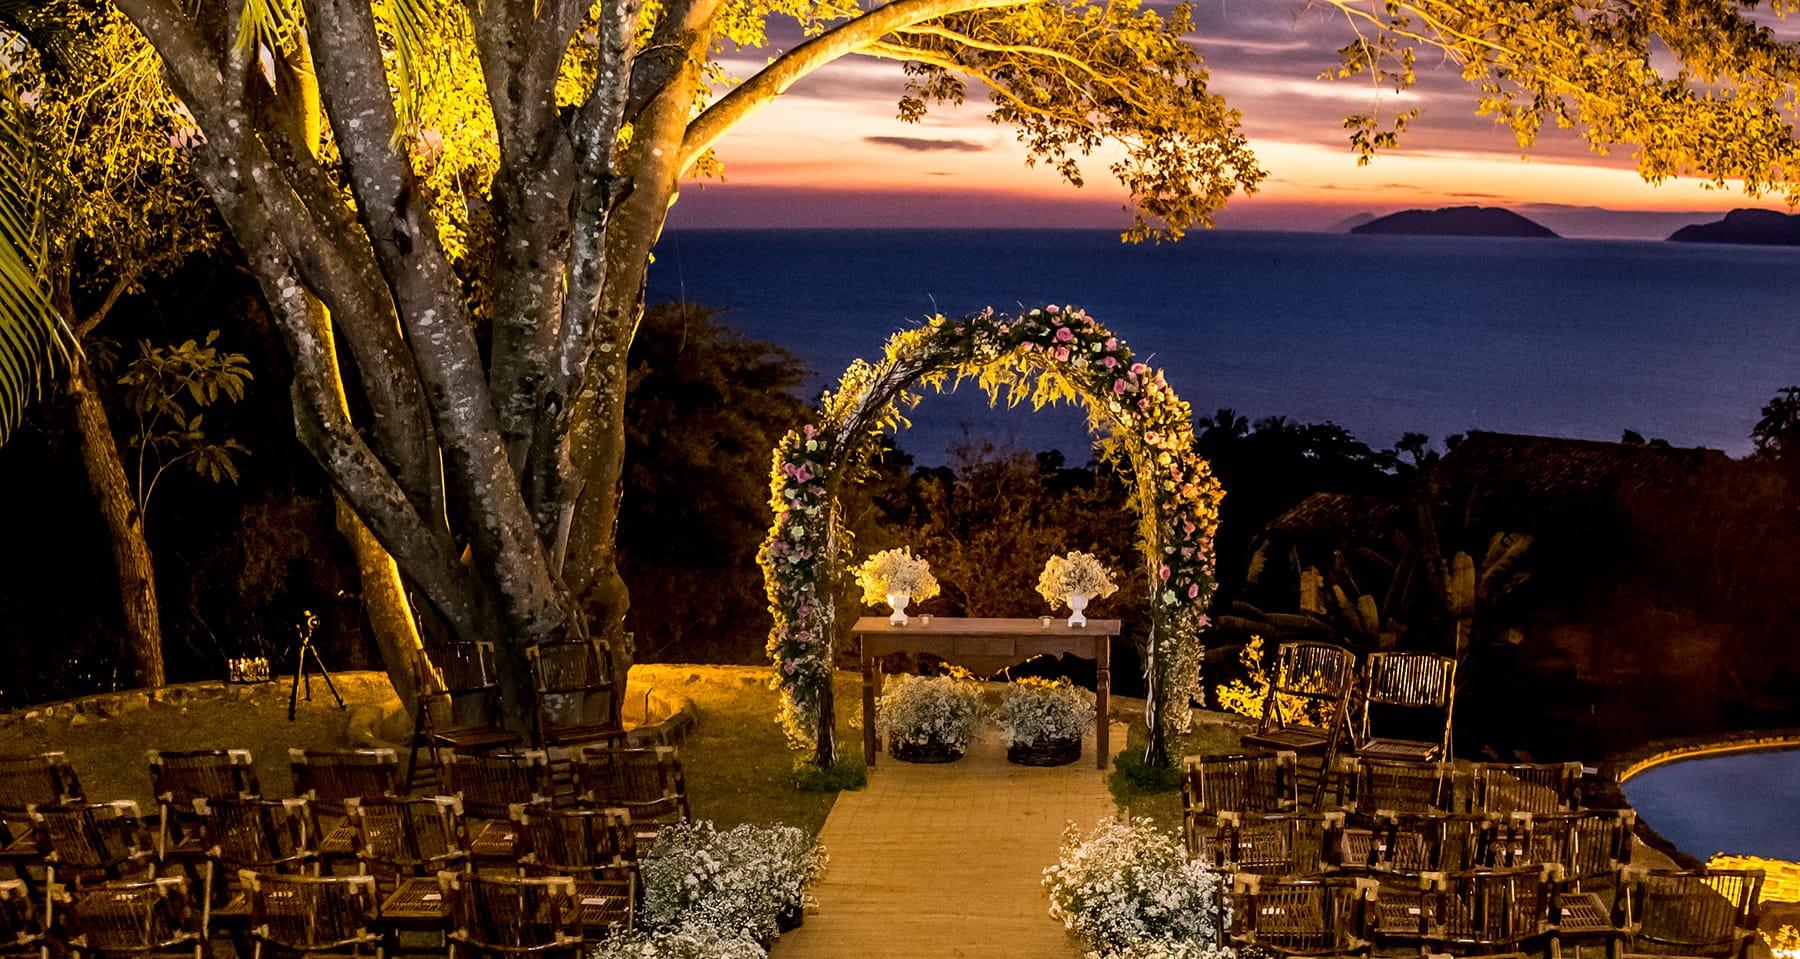 Espaços para casamento na praia em Ilhabela: Galiileu Feiticeira. Veja mais locais no site Planejando Meu Casamento ( www.planejandomeucasamento.com.br ).